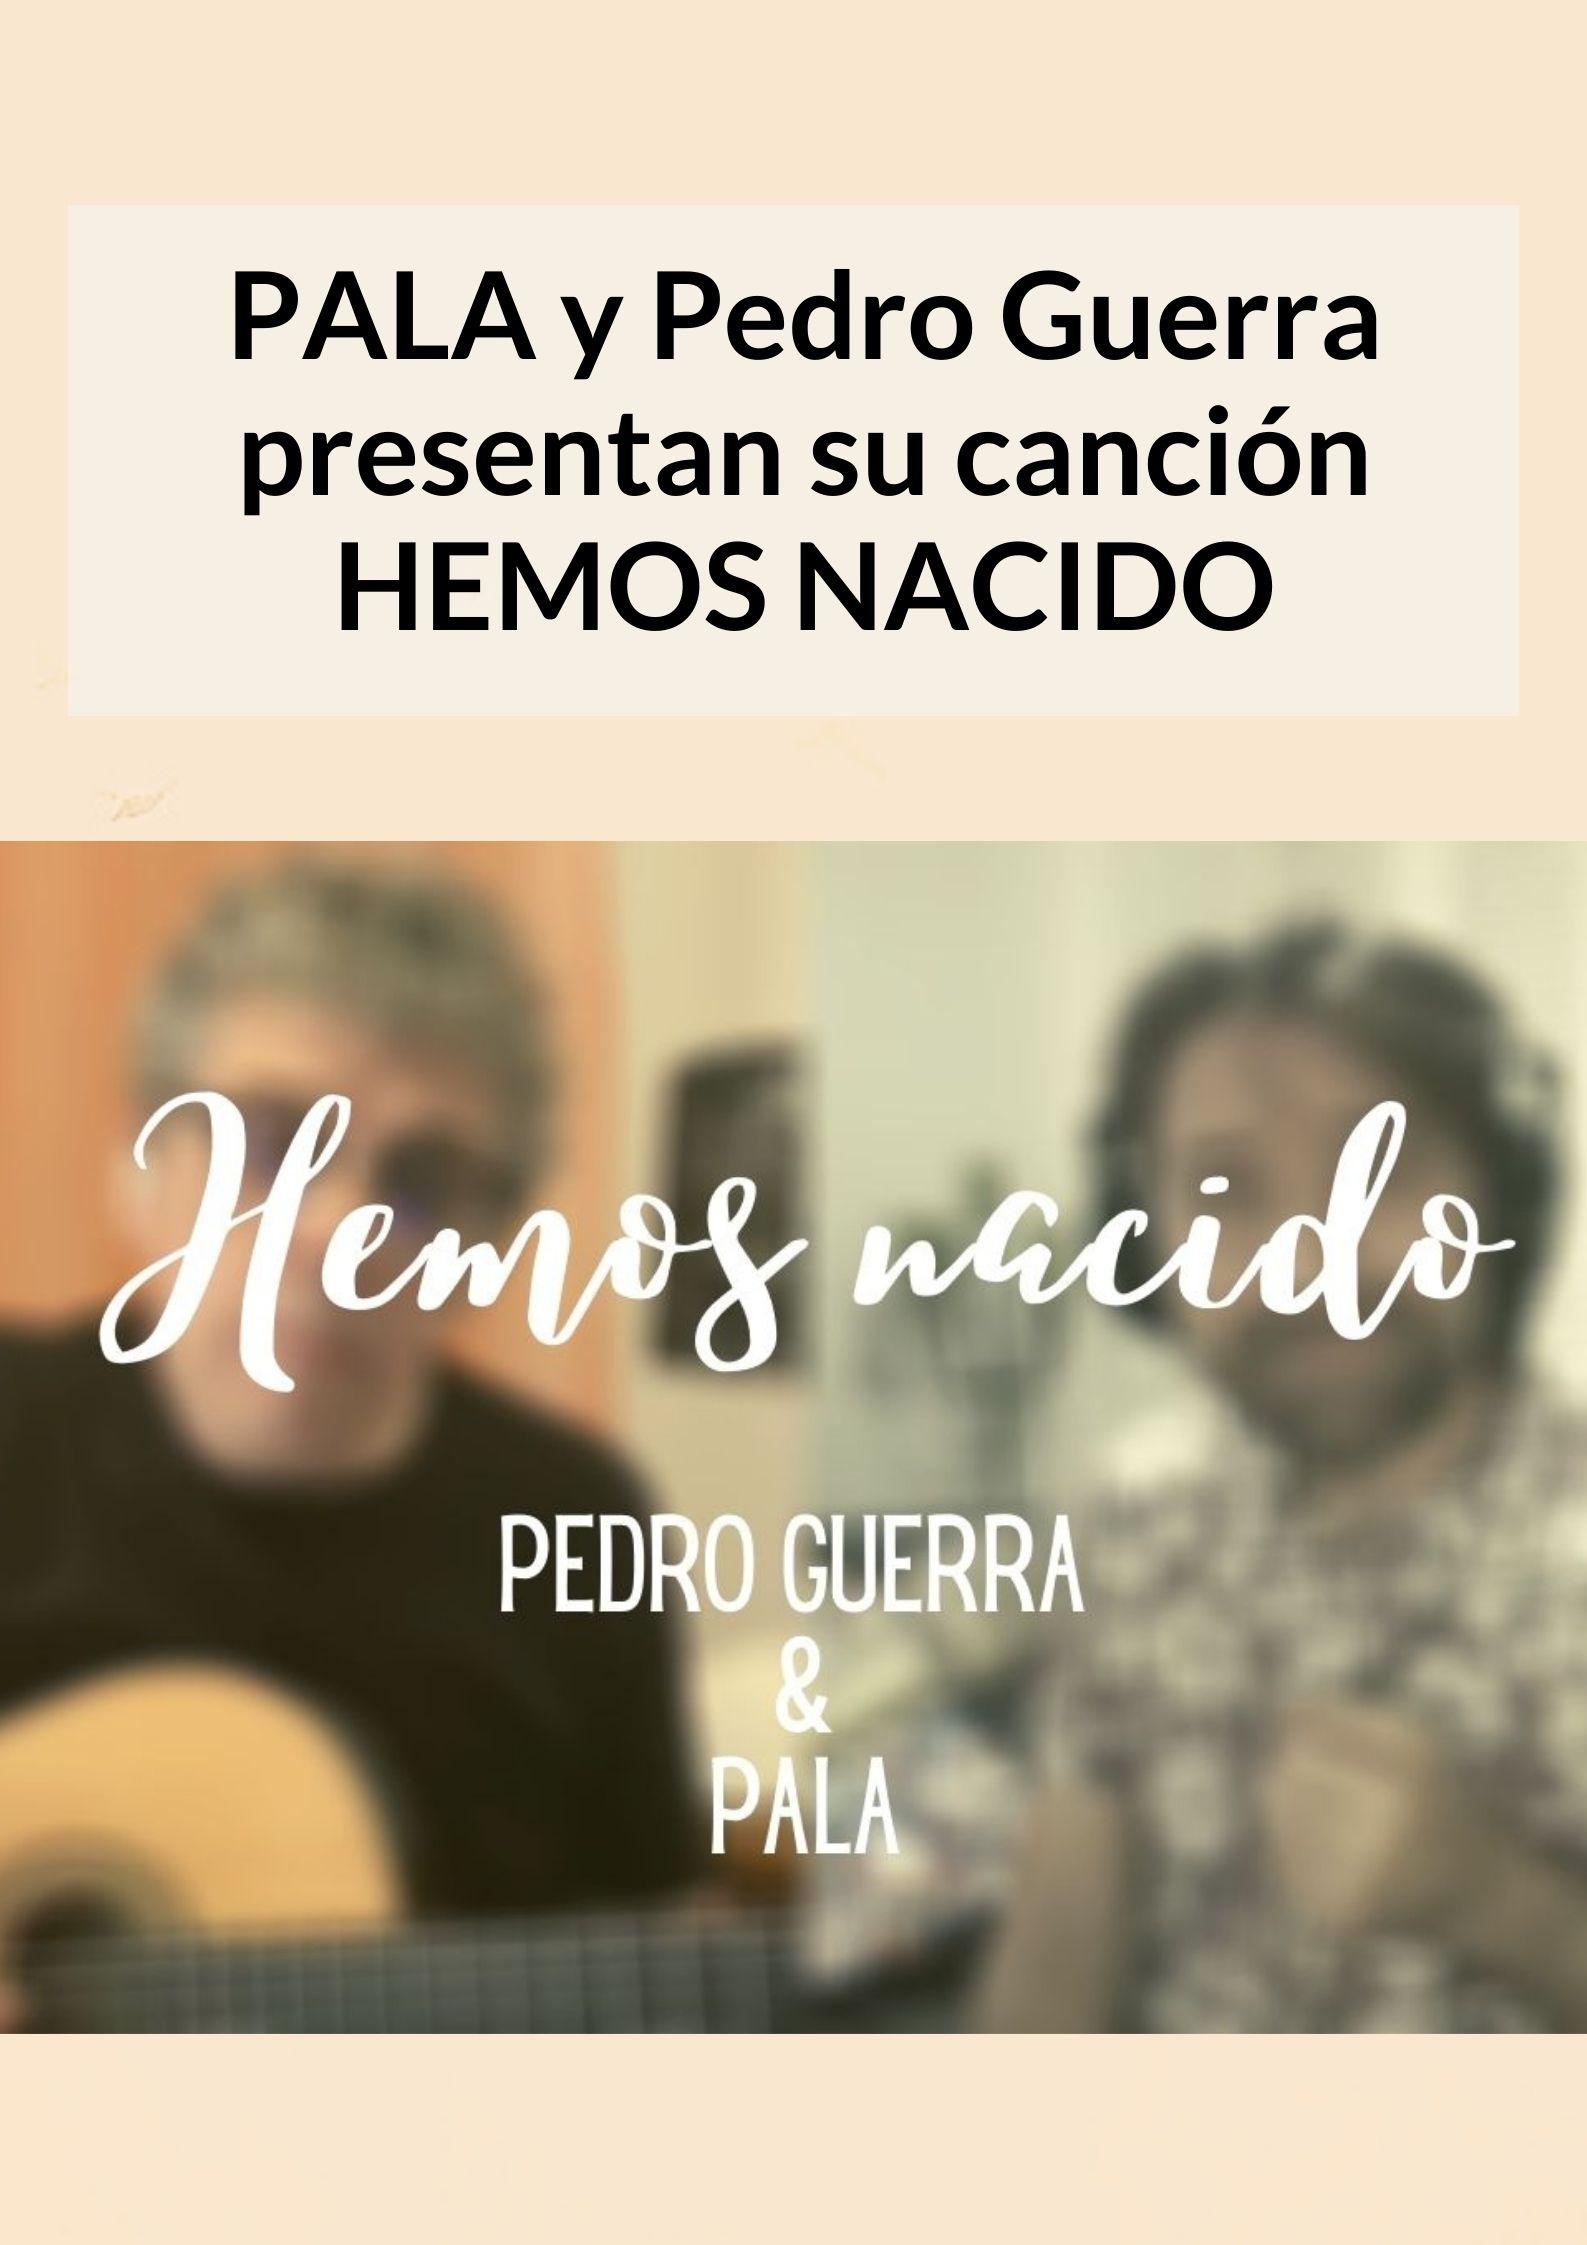 Pala y Pedro Guerra - Hemos nacido